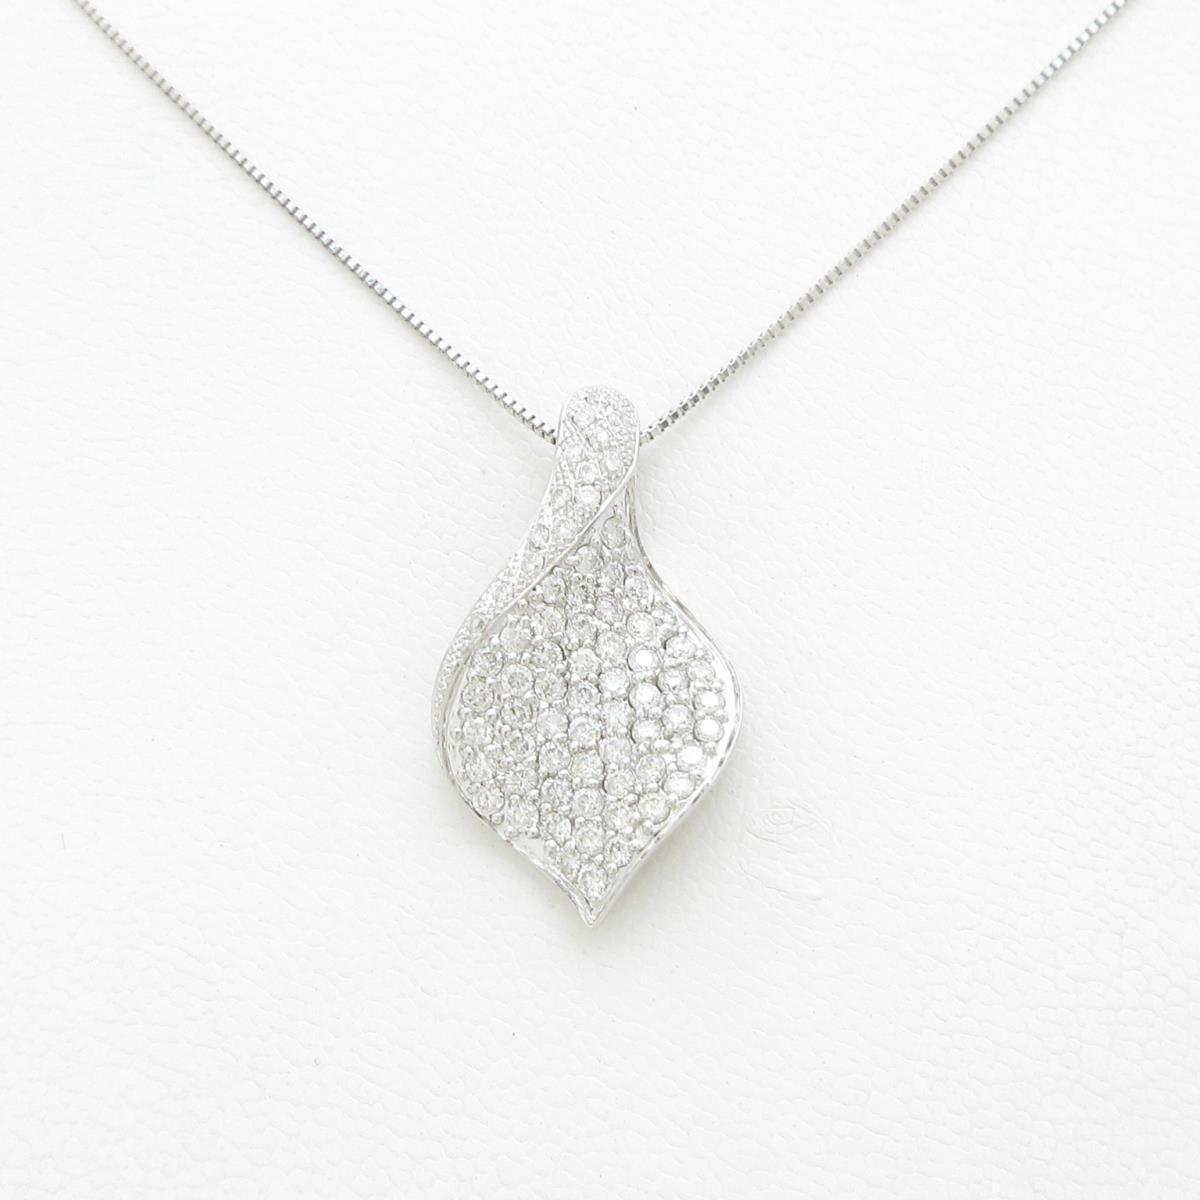 K18WG パヴェ ダイヤモンドネックレス【中古】